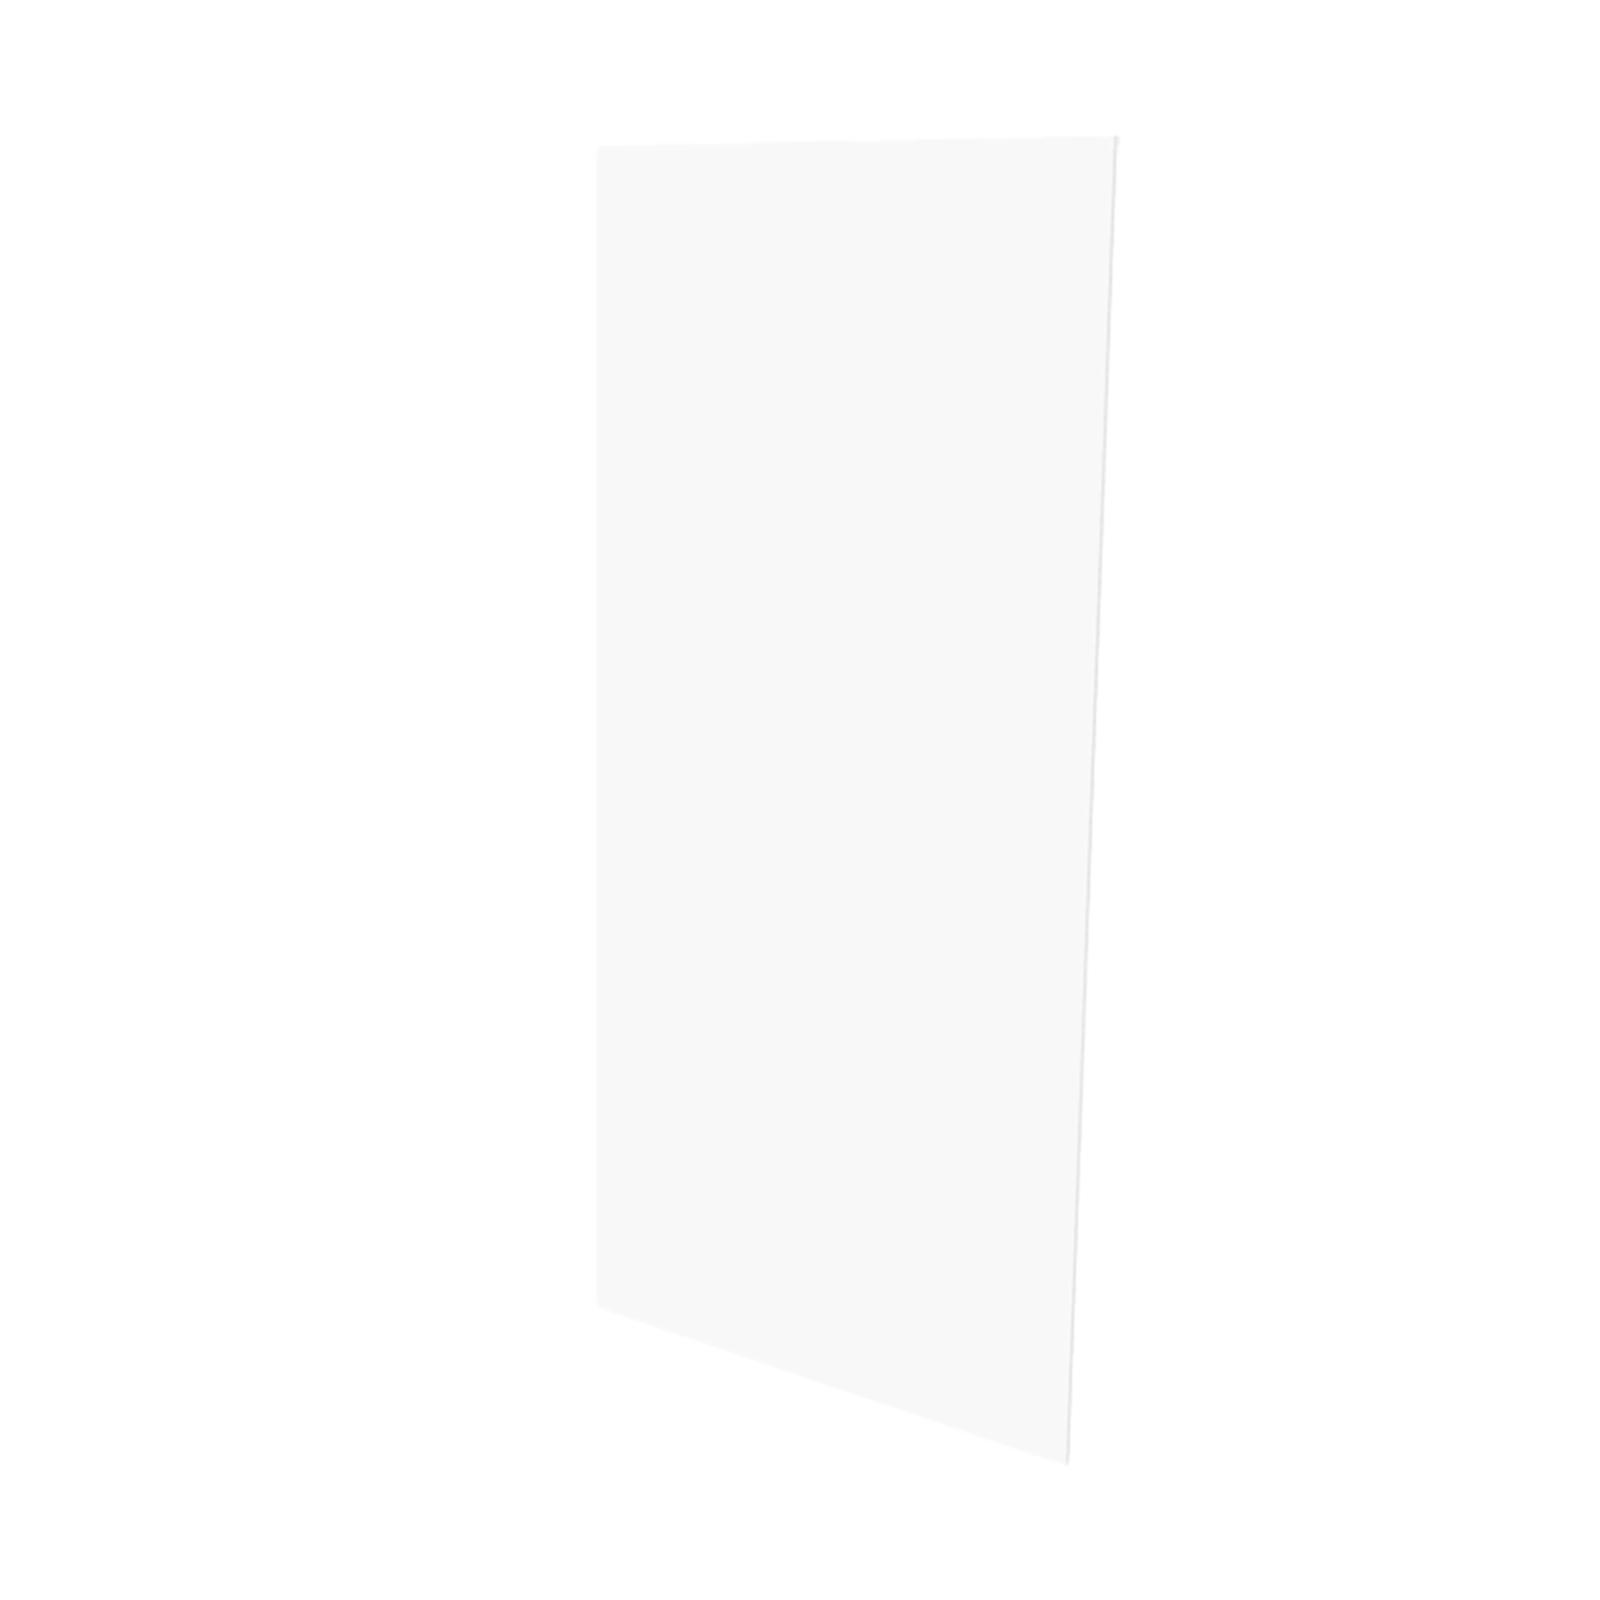 Vistelle 2440 x 1000 x 4mm Salt High Gloss Acrylic Bathroom Panel